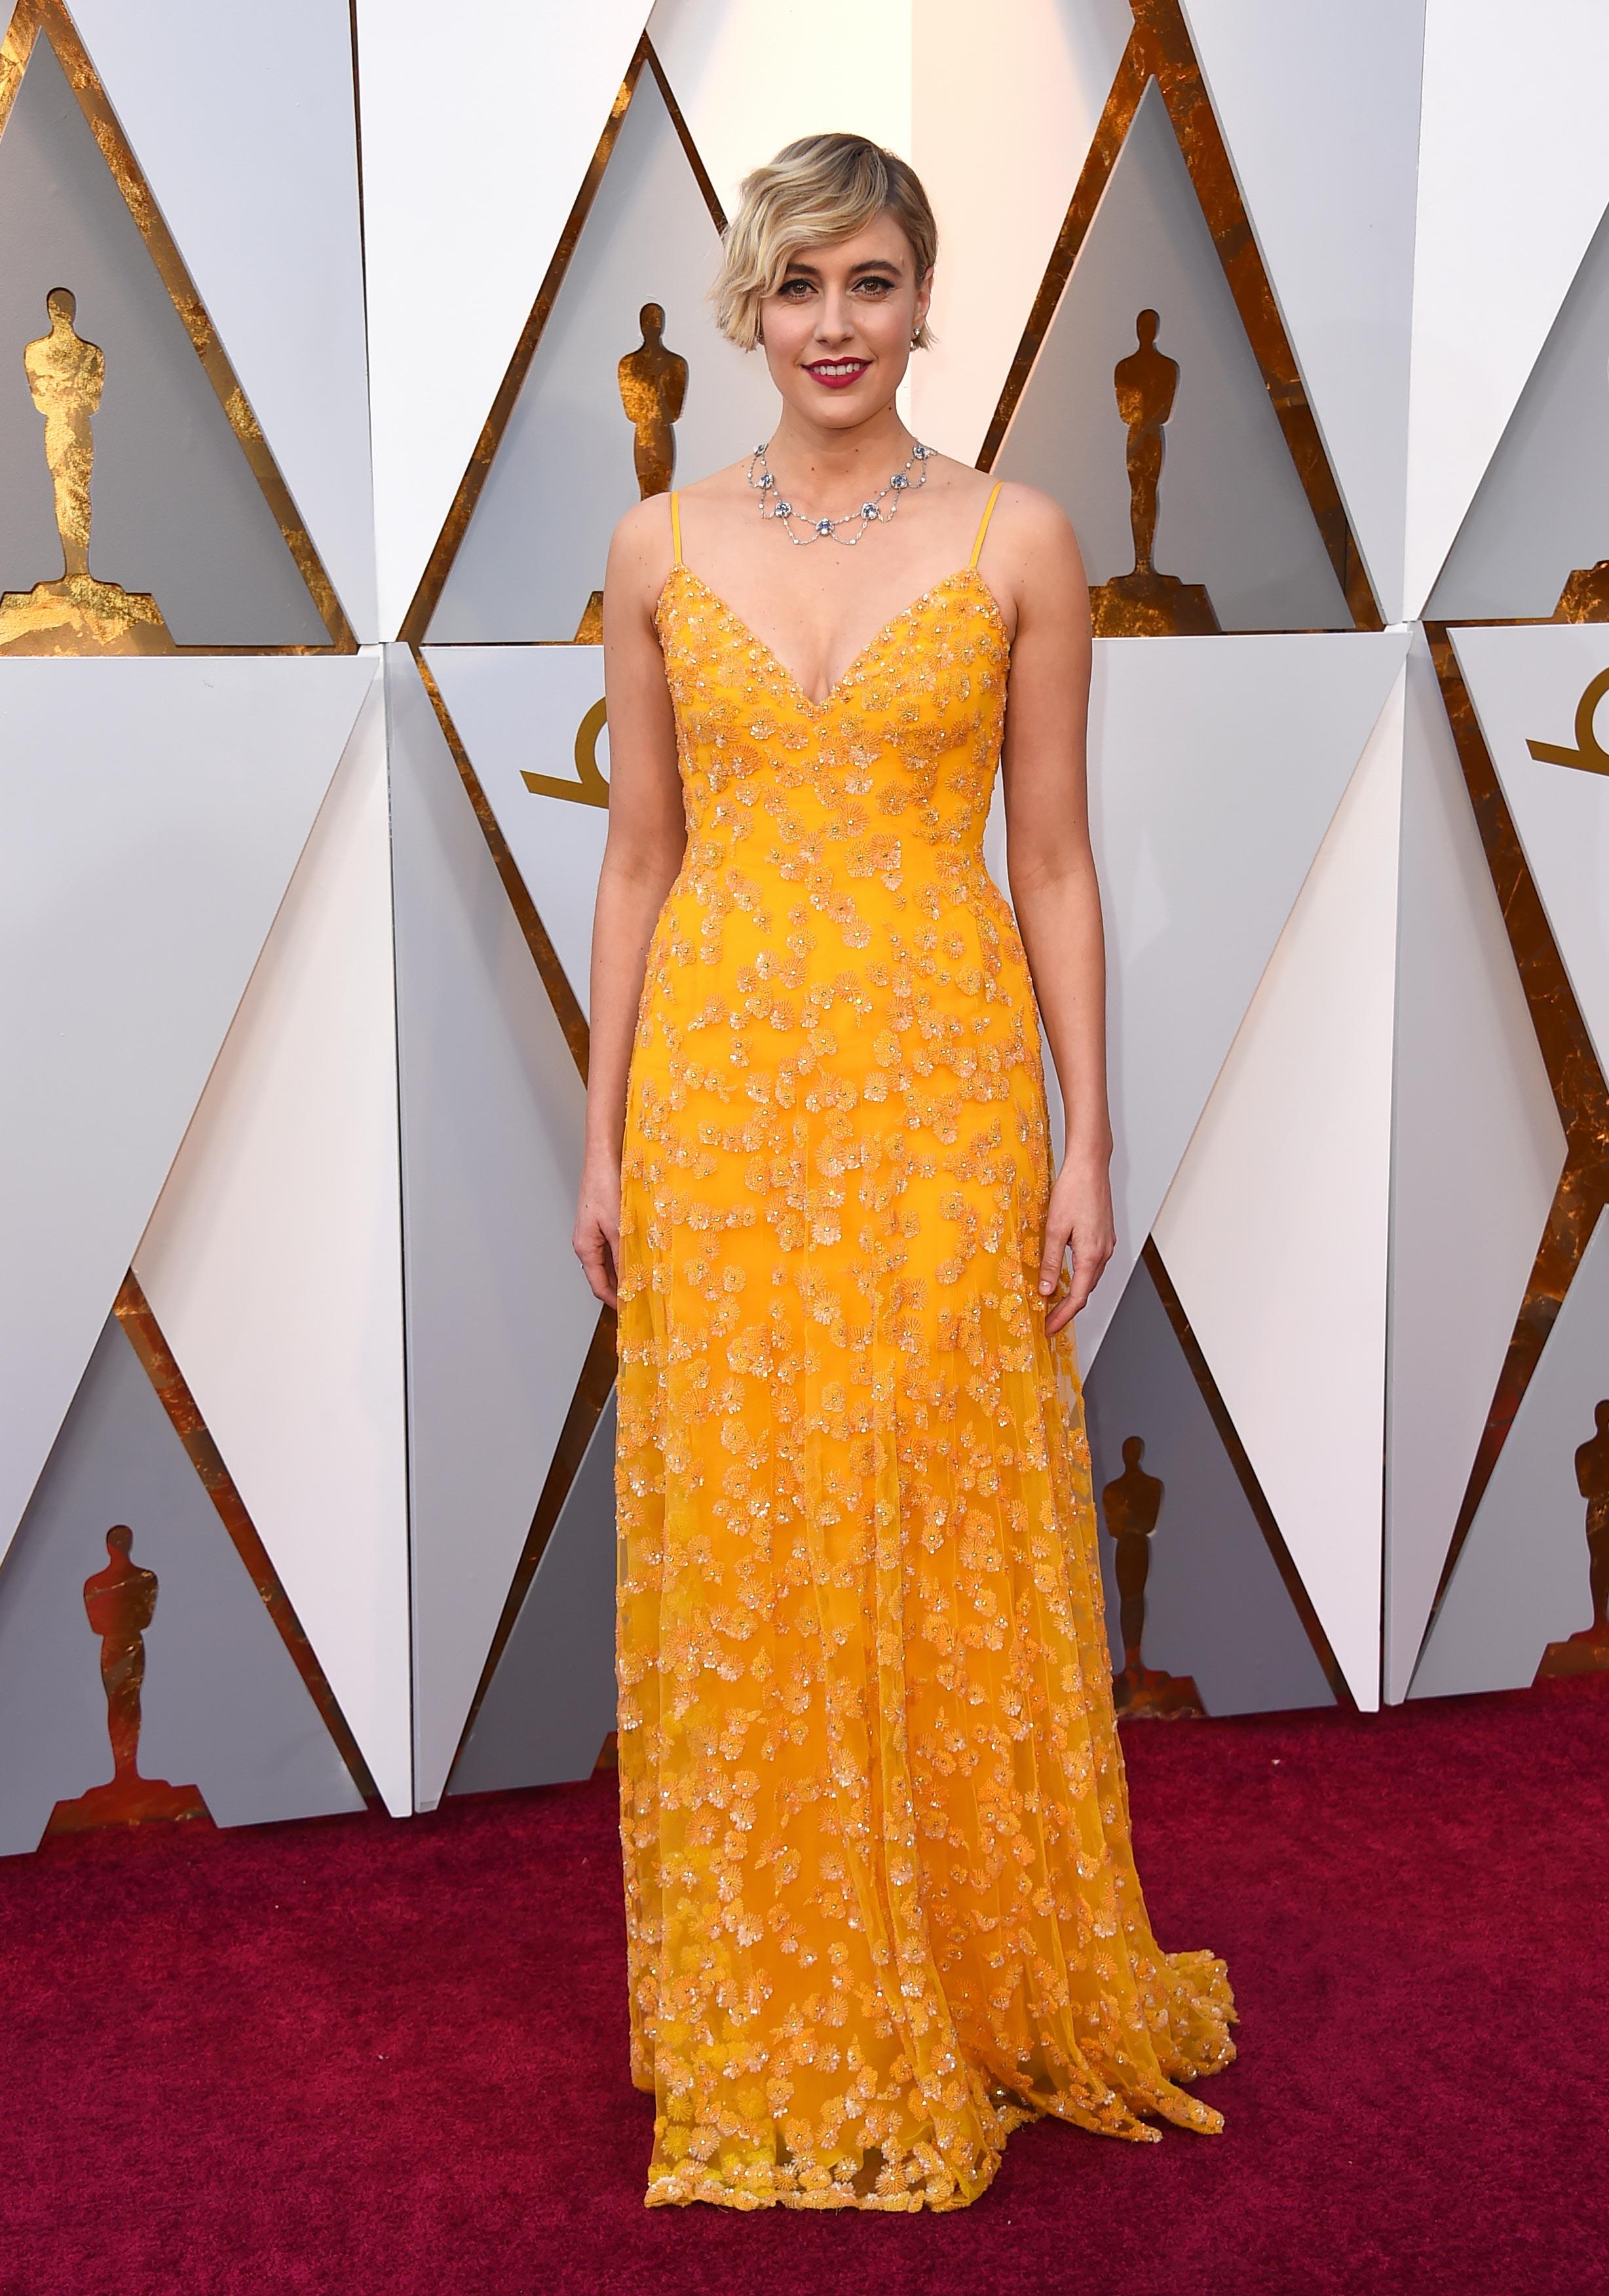 Greta Gerwig, nominada al Oscar en las categorías Mejor director y Mejor guión original, luce un vestido en tono amarillo intenso de Rodarte , uno de los colores de 2018. (The Associated Press)